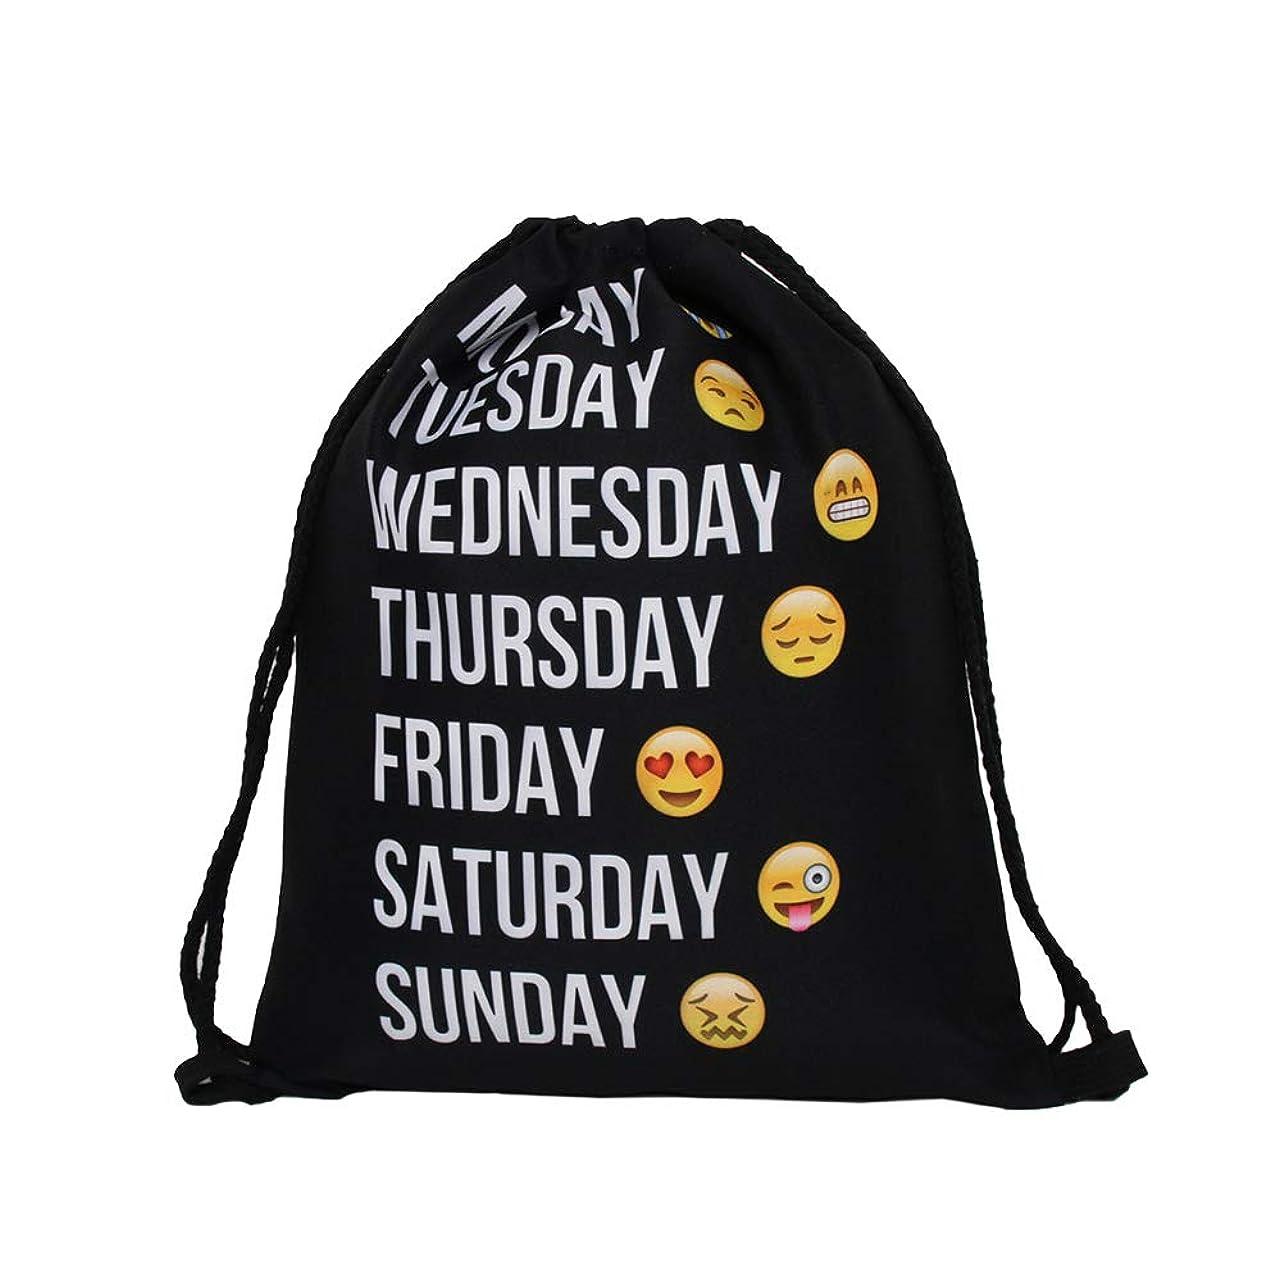 泣き叫ぶスタウト無意識Lurrose 巾着バックパック巾着ジムバッグ旅行化粧品バッグジムスポーツ旅行